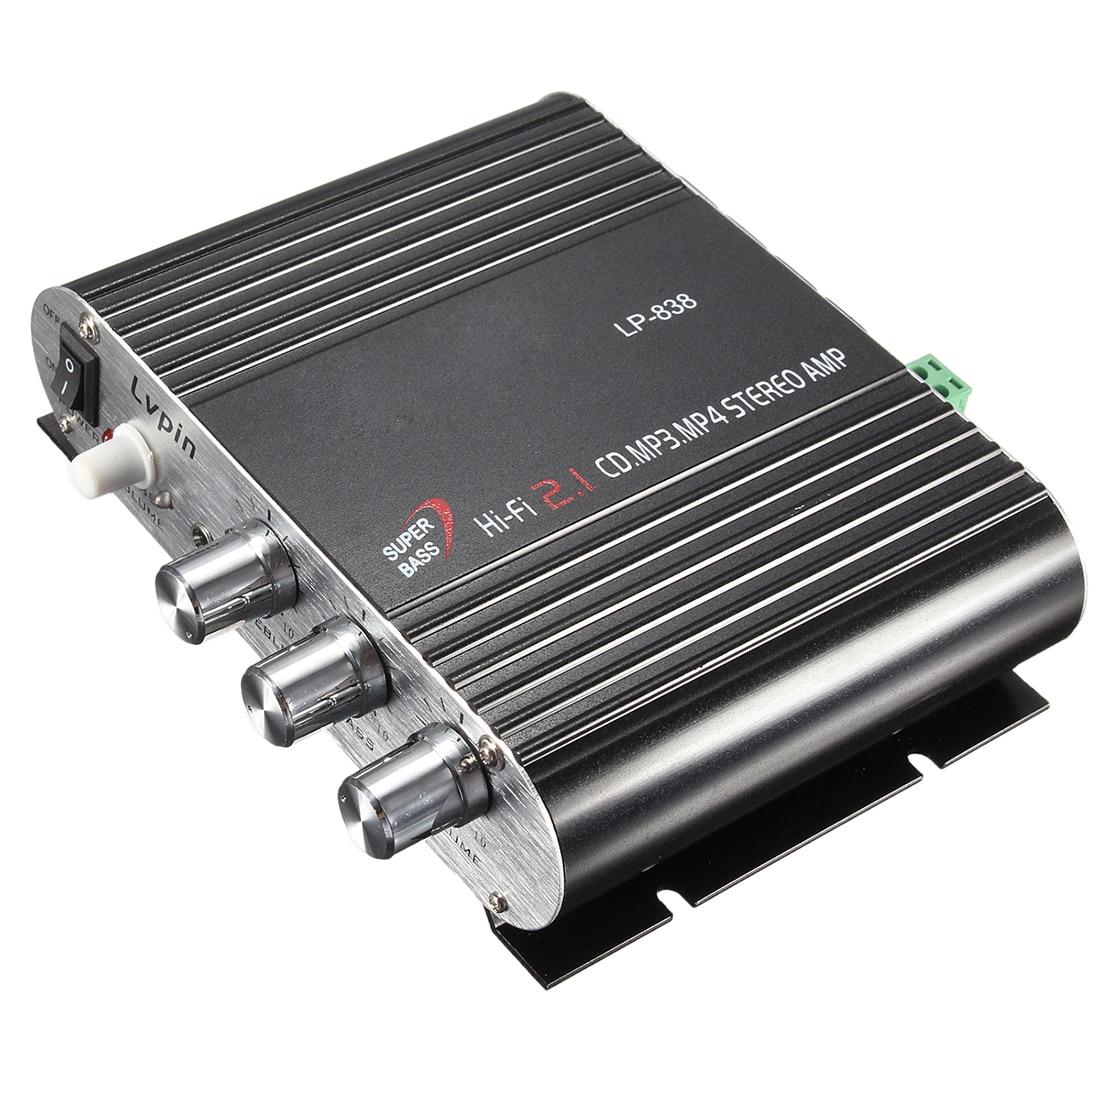 TTKK 12V 200W Mini canales de Radio de coche 2 casa Supergraves Hi-Fi amplificador estéreo reproductor de MP3